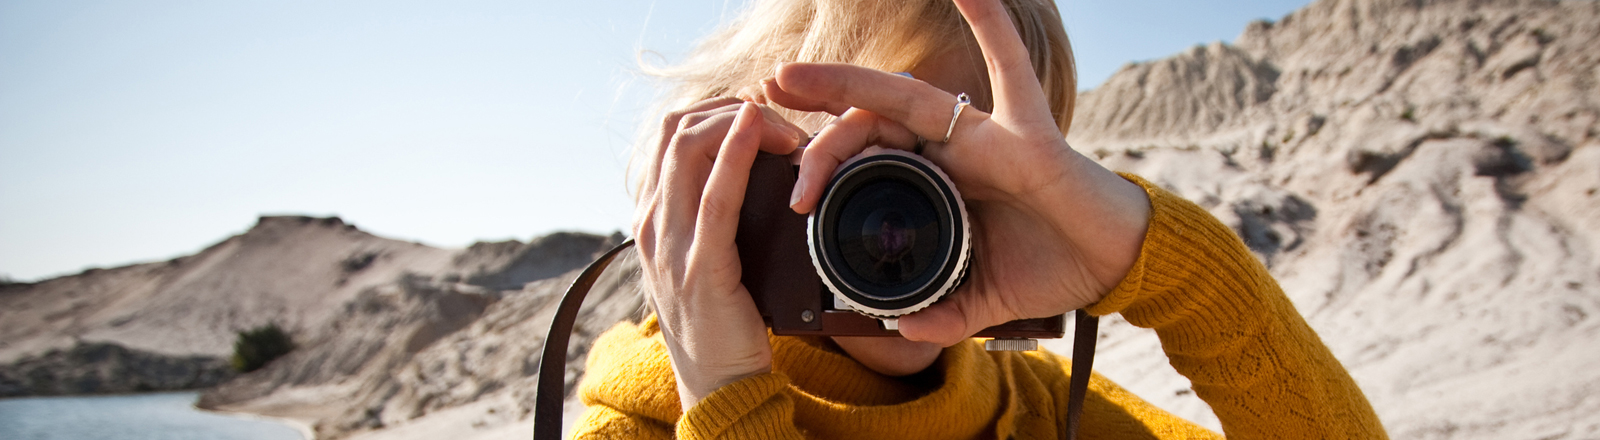 Eine Frau macht ein Foto.